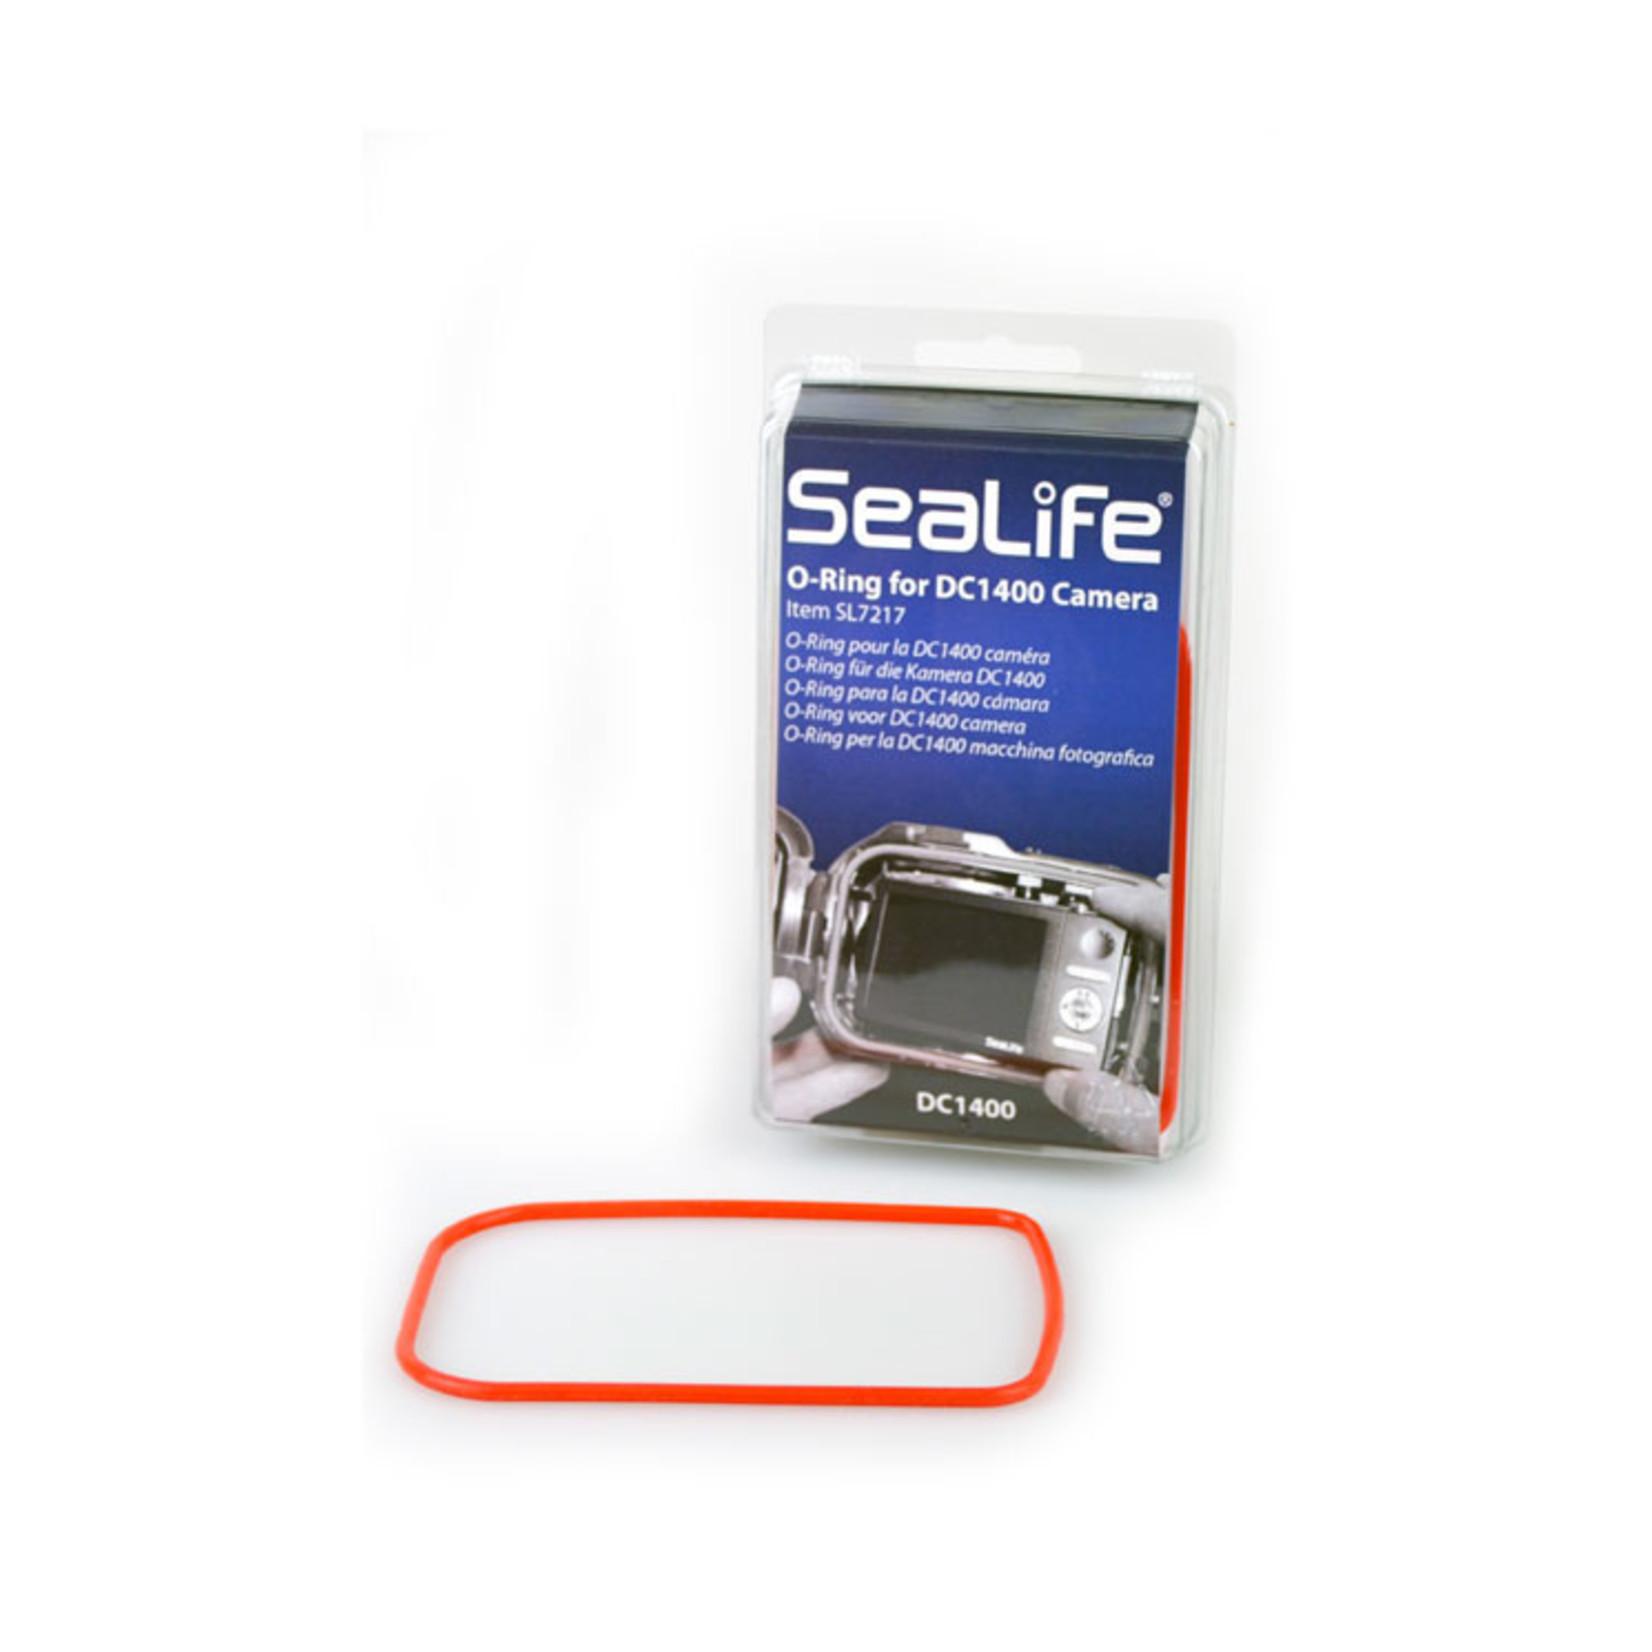 Sealife O-ring for DC1400 Housing